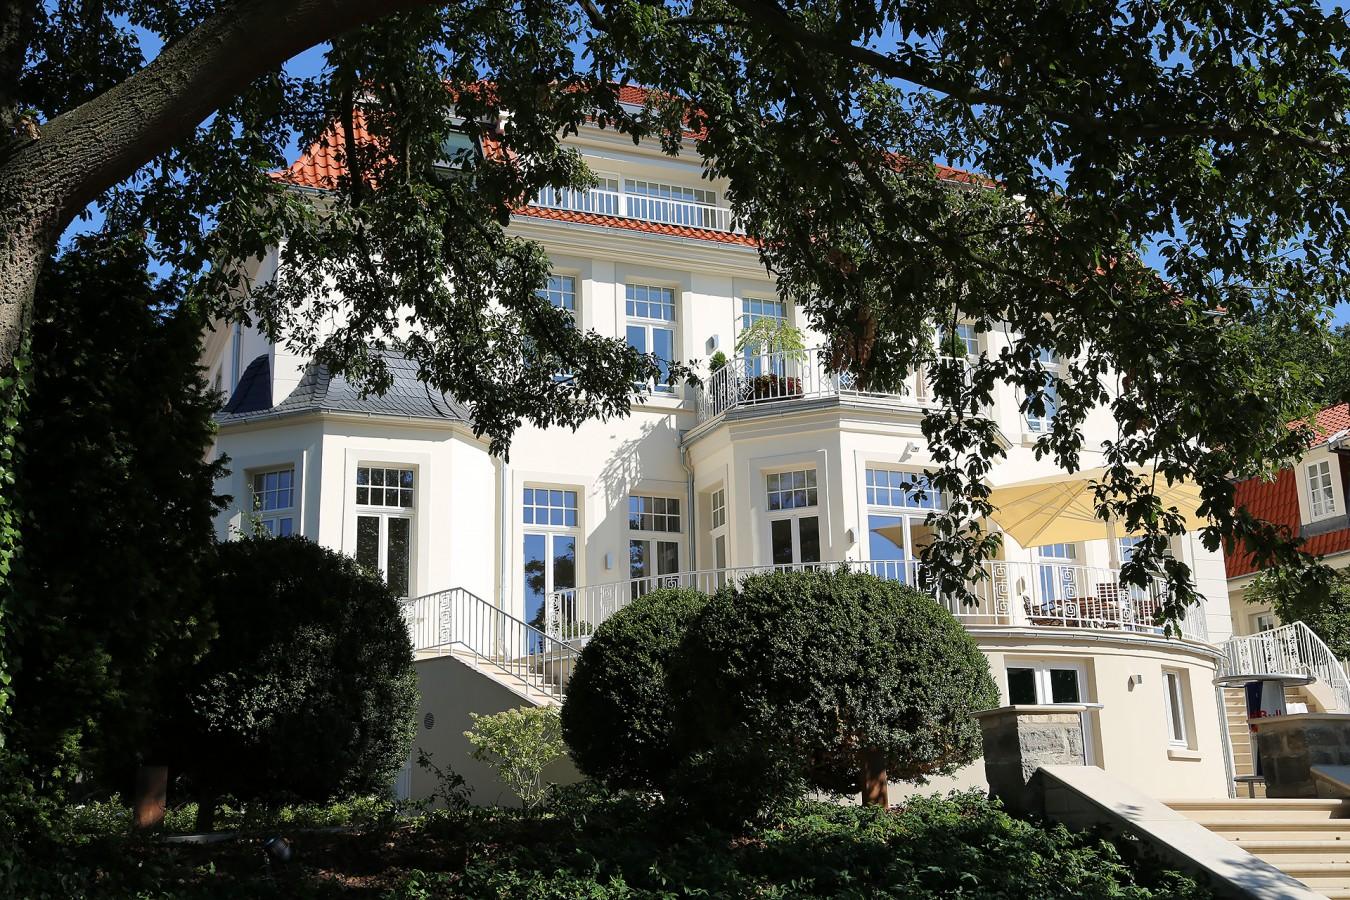 Umbau einer Villa in Hildesheim  JUNG  Architekturbro Innenarchitekturbro Hildesheim